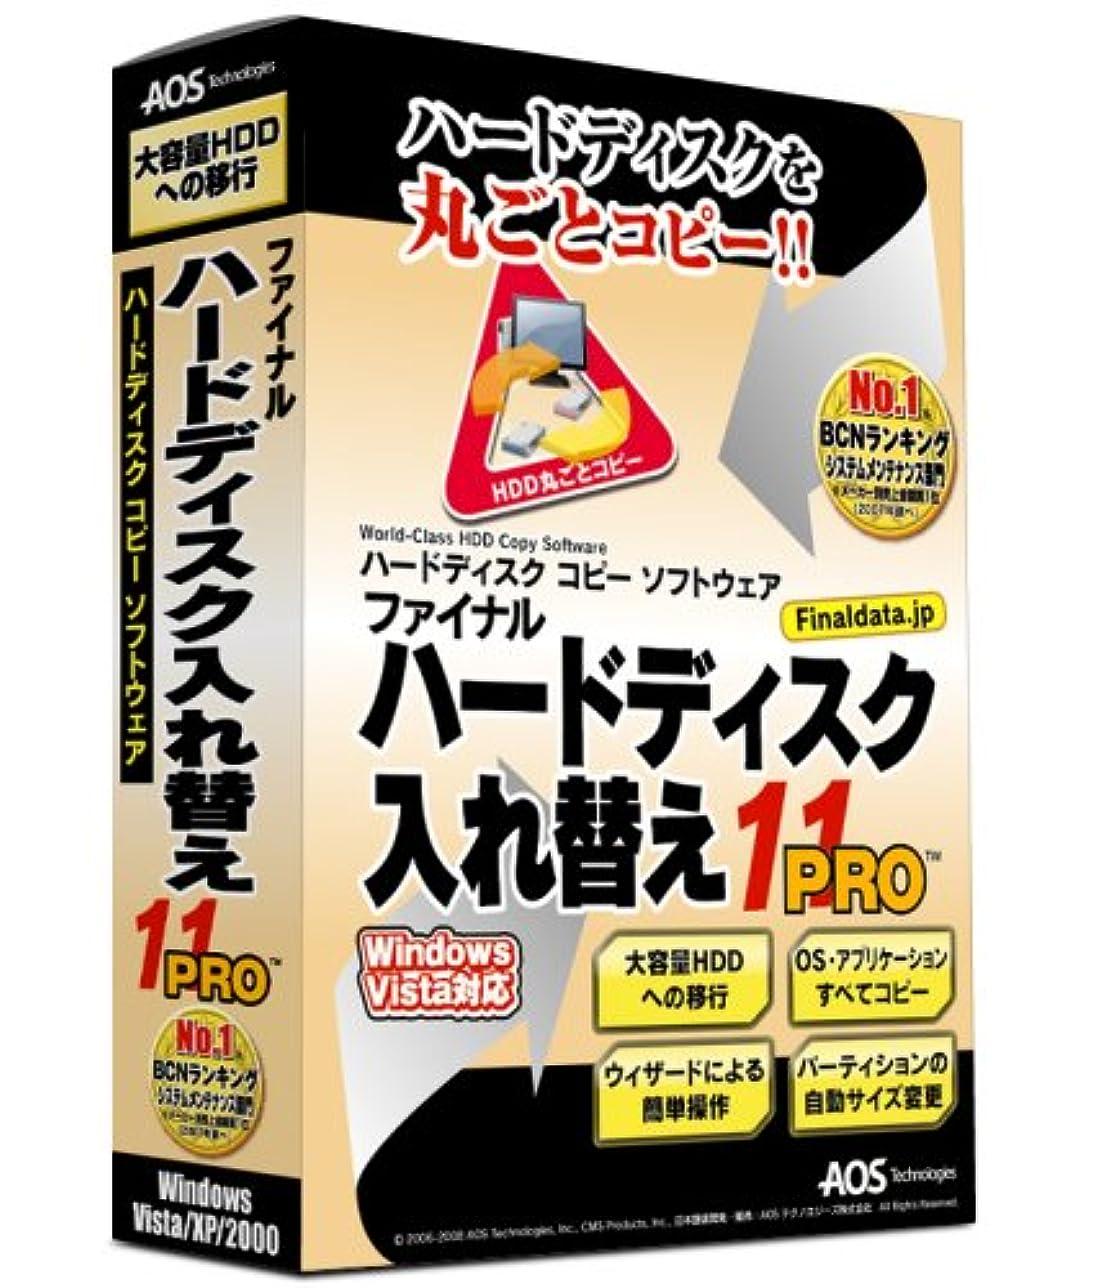 開発する市長リンス【旧商品】ファイナルハードディスク入れ替え11 PRO